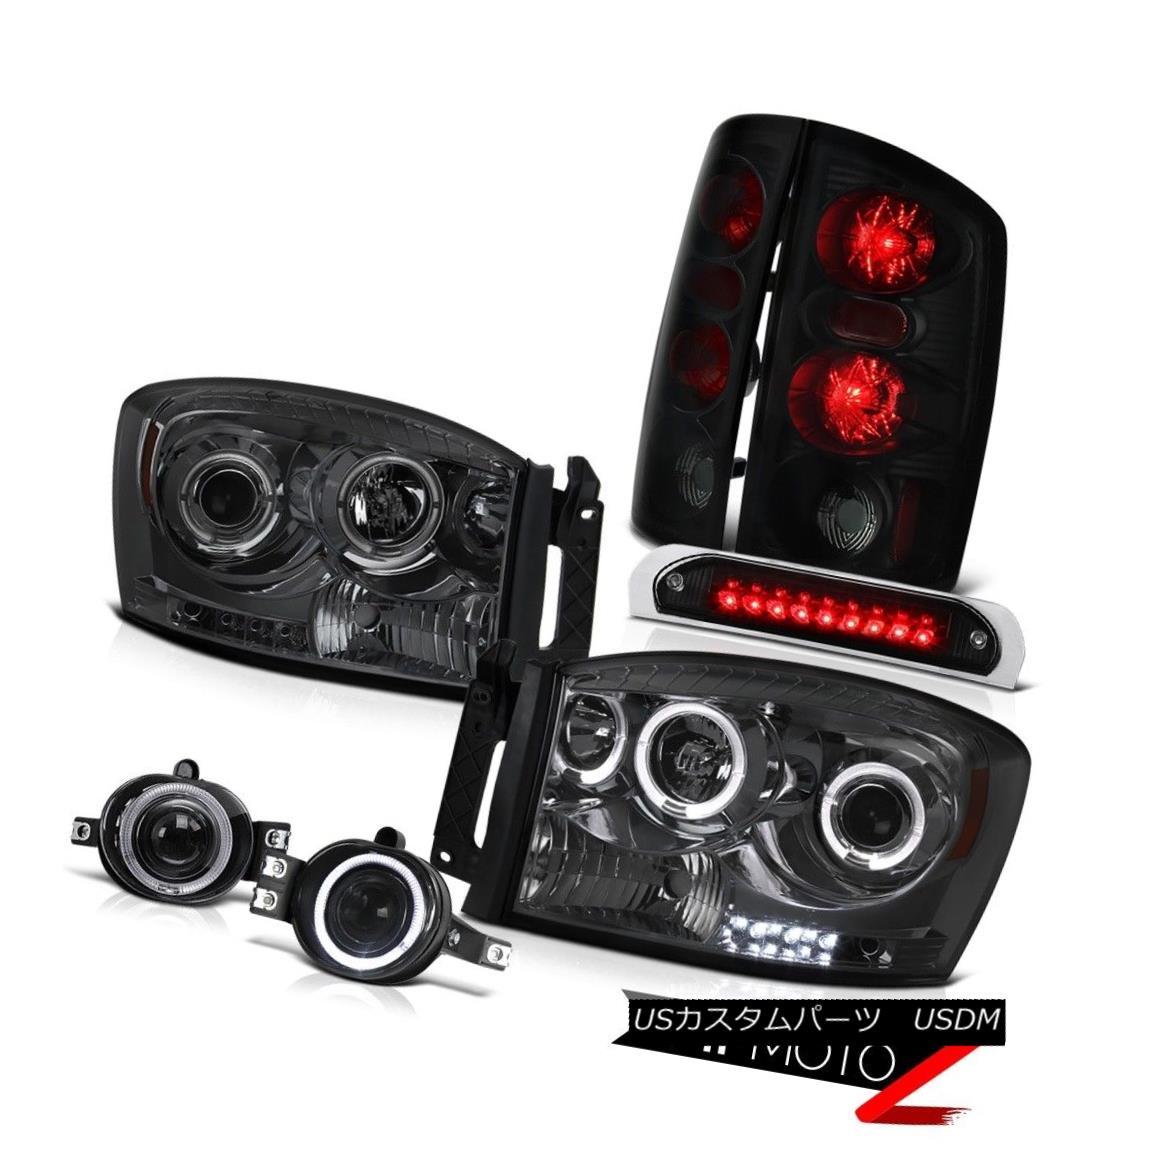 テールライト 2006 Ram 2500 Pair Smoke Halo Headlights Taillights Sinister Black Fog Brake LED 2006 Ram 2500 Pair Smoke HaloヘッドライトテールライトSinister Black FogブレーキLED